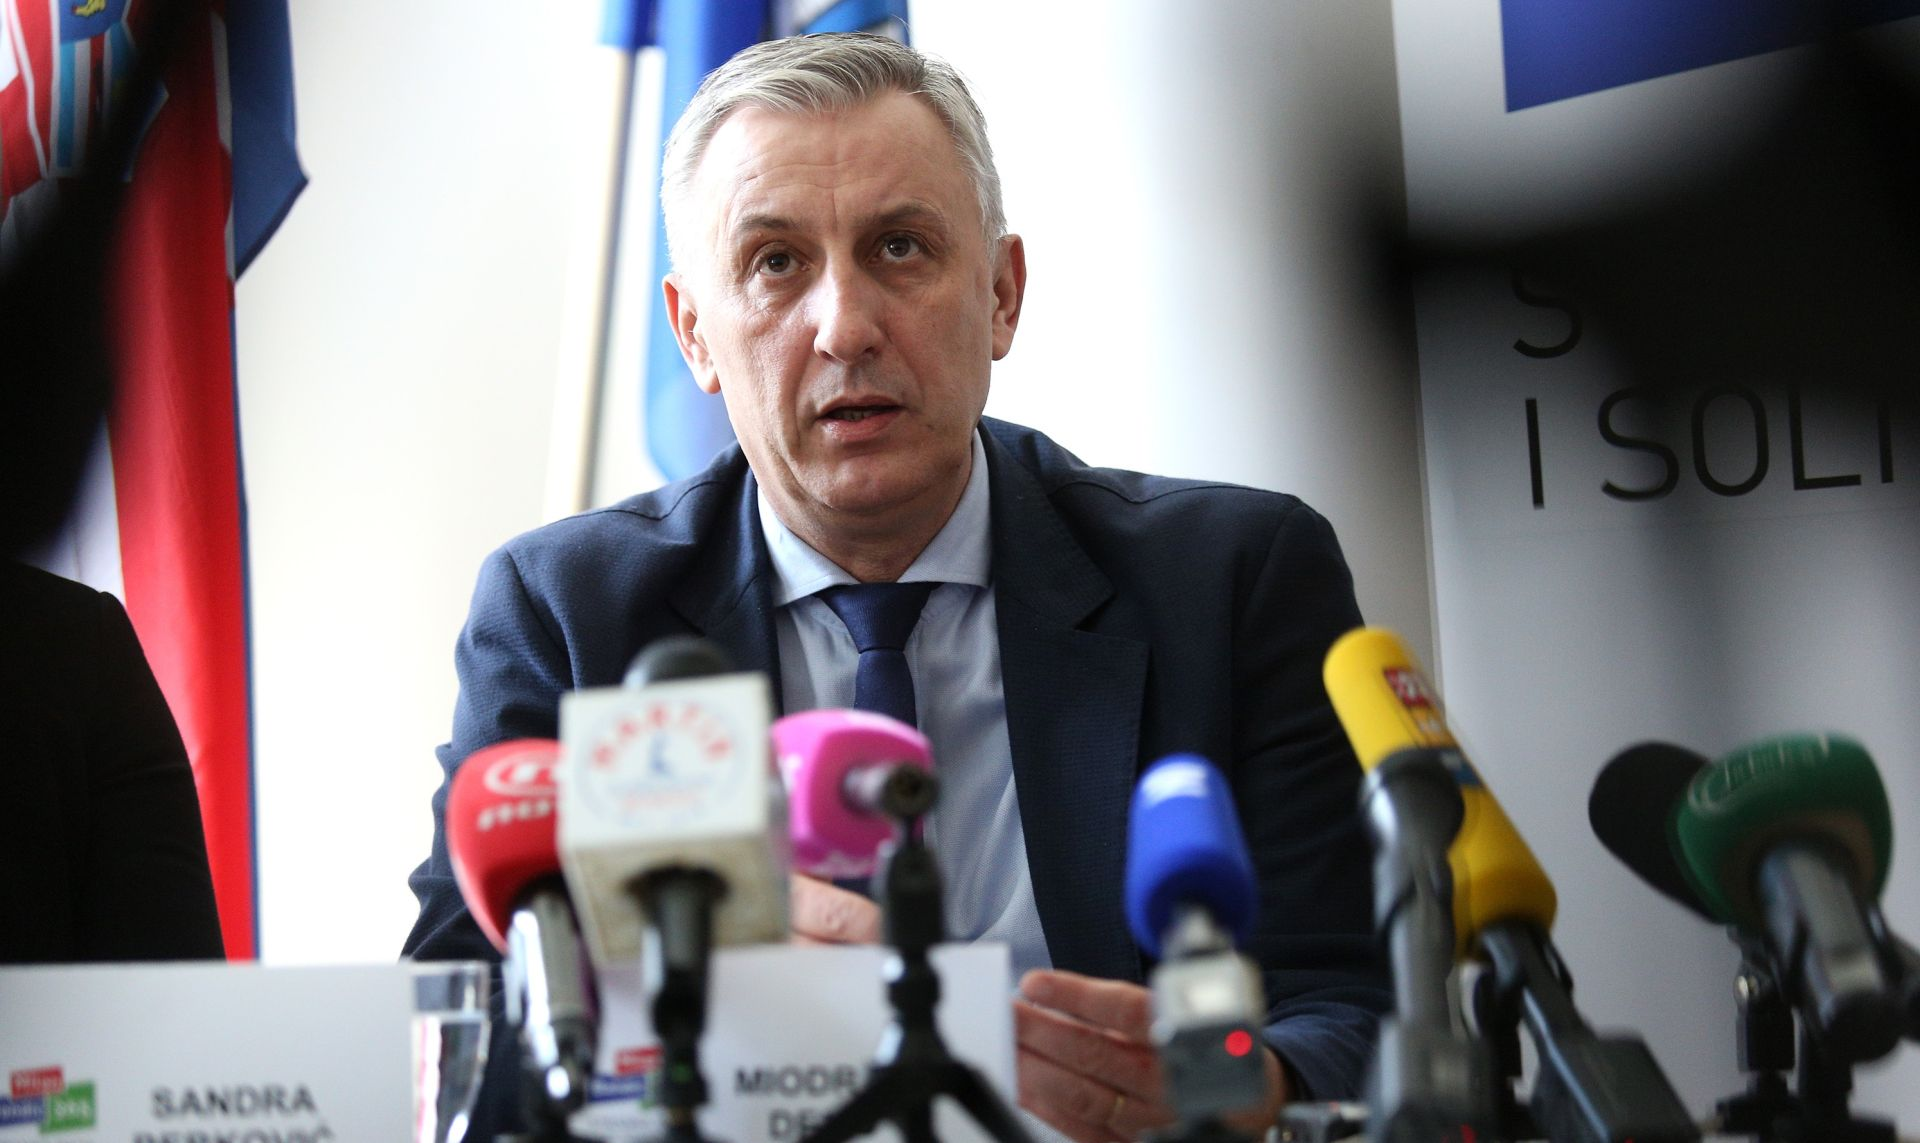 ODBOR ZA VETERANE: I Oreškovićeva vlada morala bi odbaciti političke optužnice protiv pripadnika HVO-a